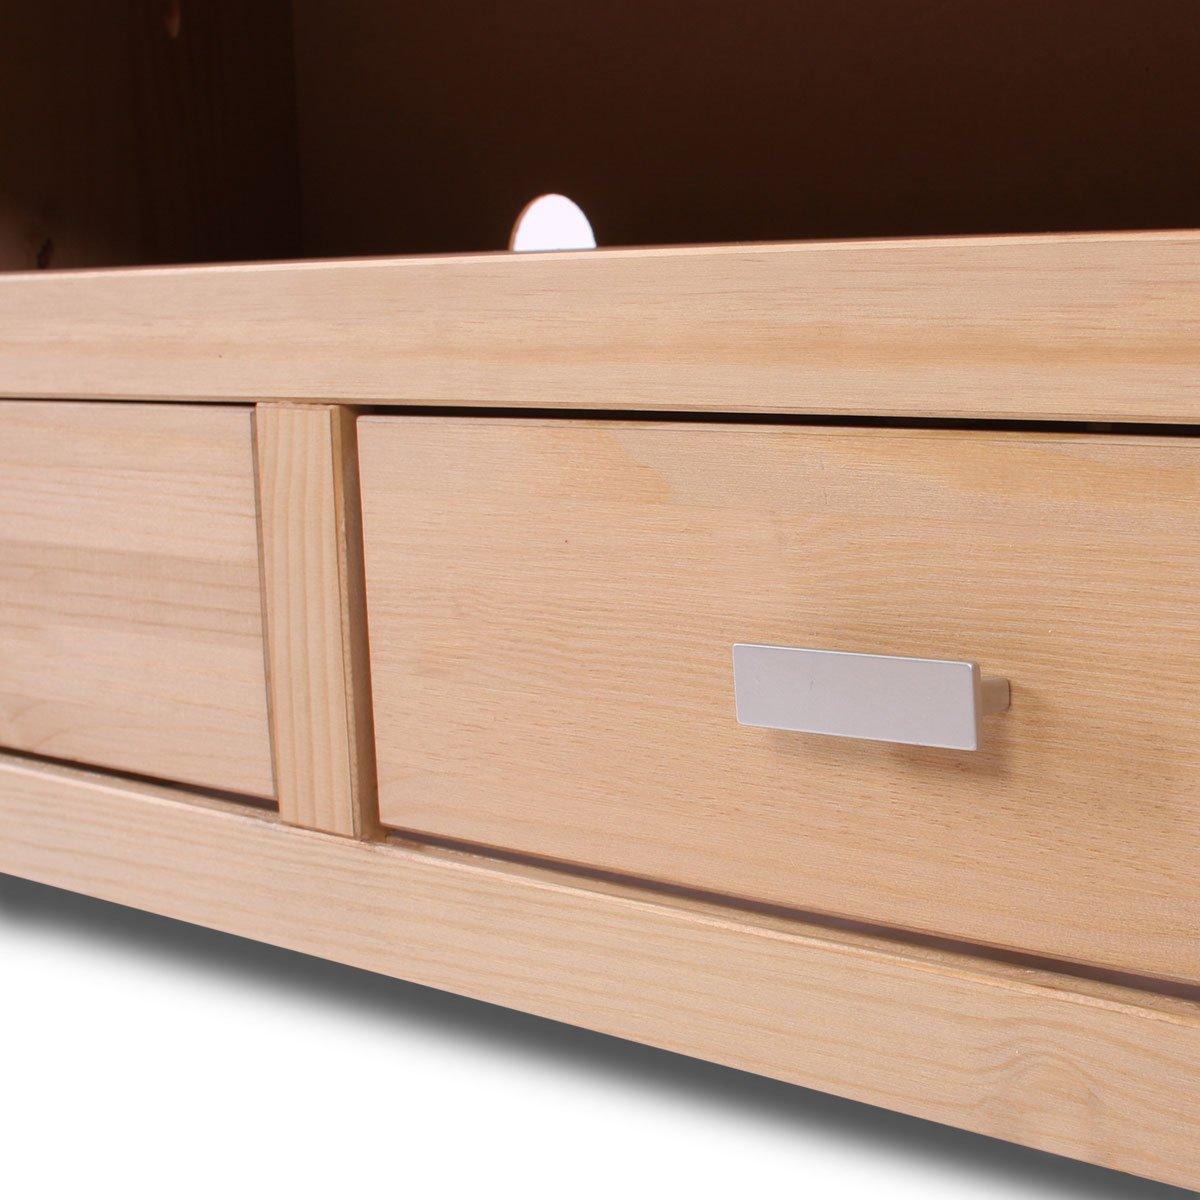 Mesa axuliar soporte tv en madera maciza 110x45x39 cm for Soporte mesa tv samsung